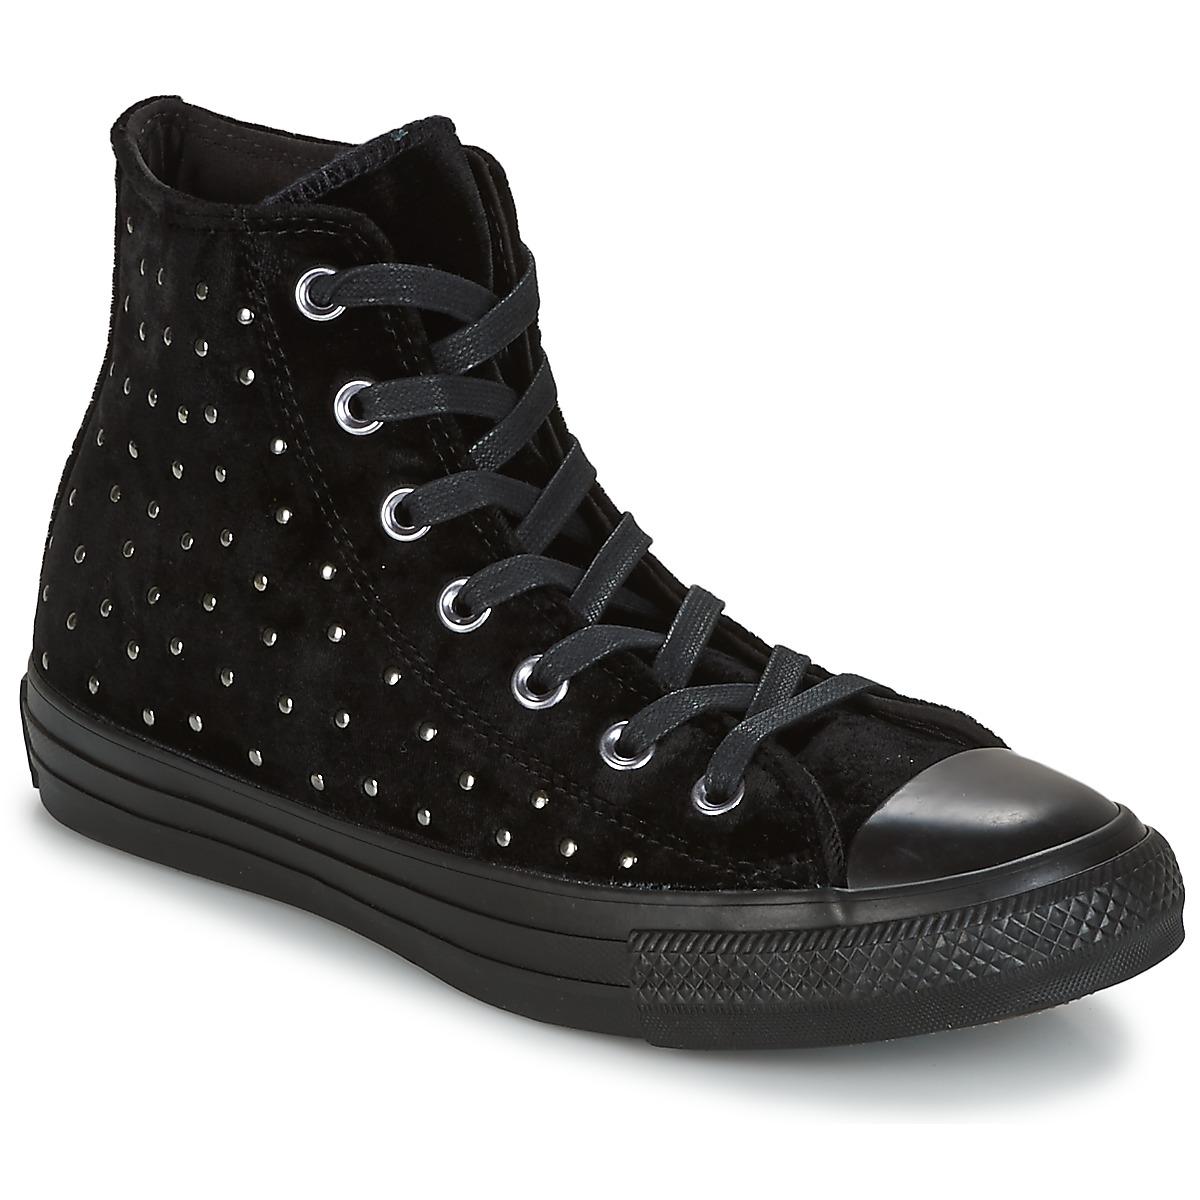 Converse CHUCK TAYLOR ALL STAR HI Schwarz - Kostenloser Versand bei Spartoode ! - Schuhe Sneaker High Damen 76,30 €